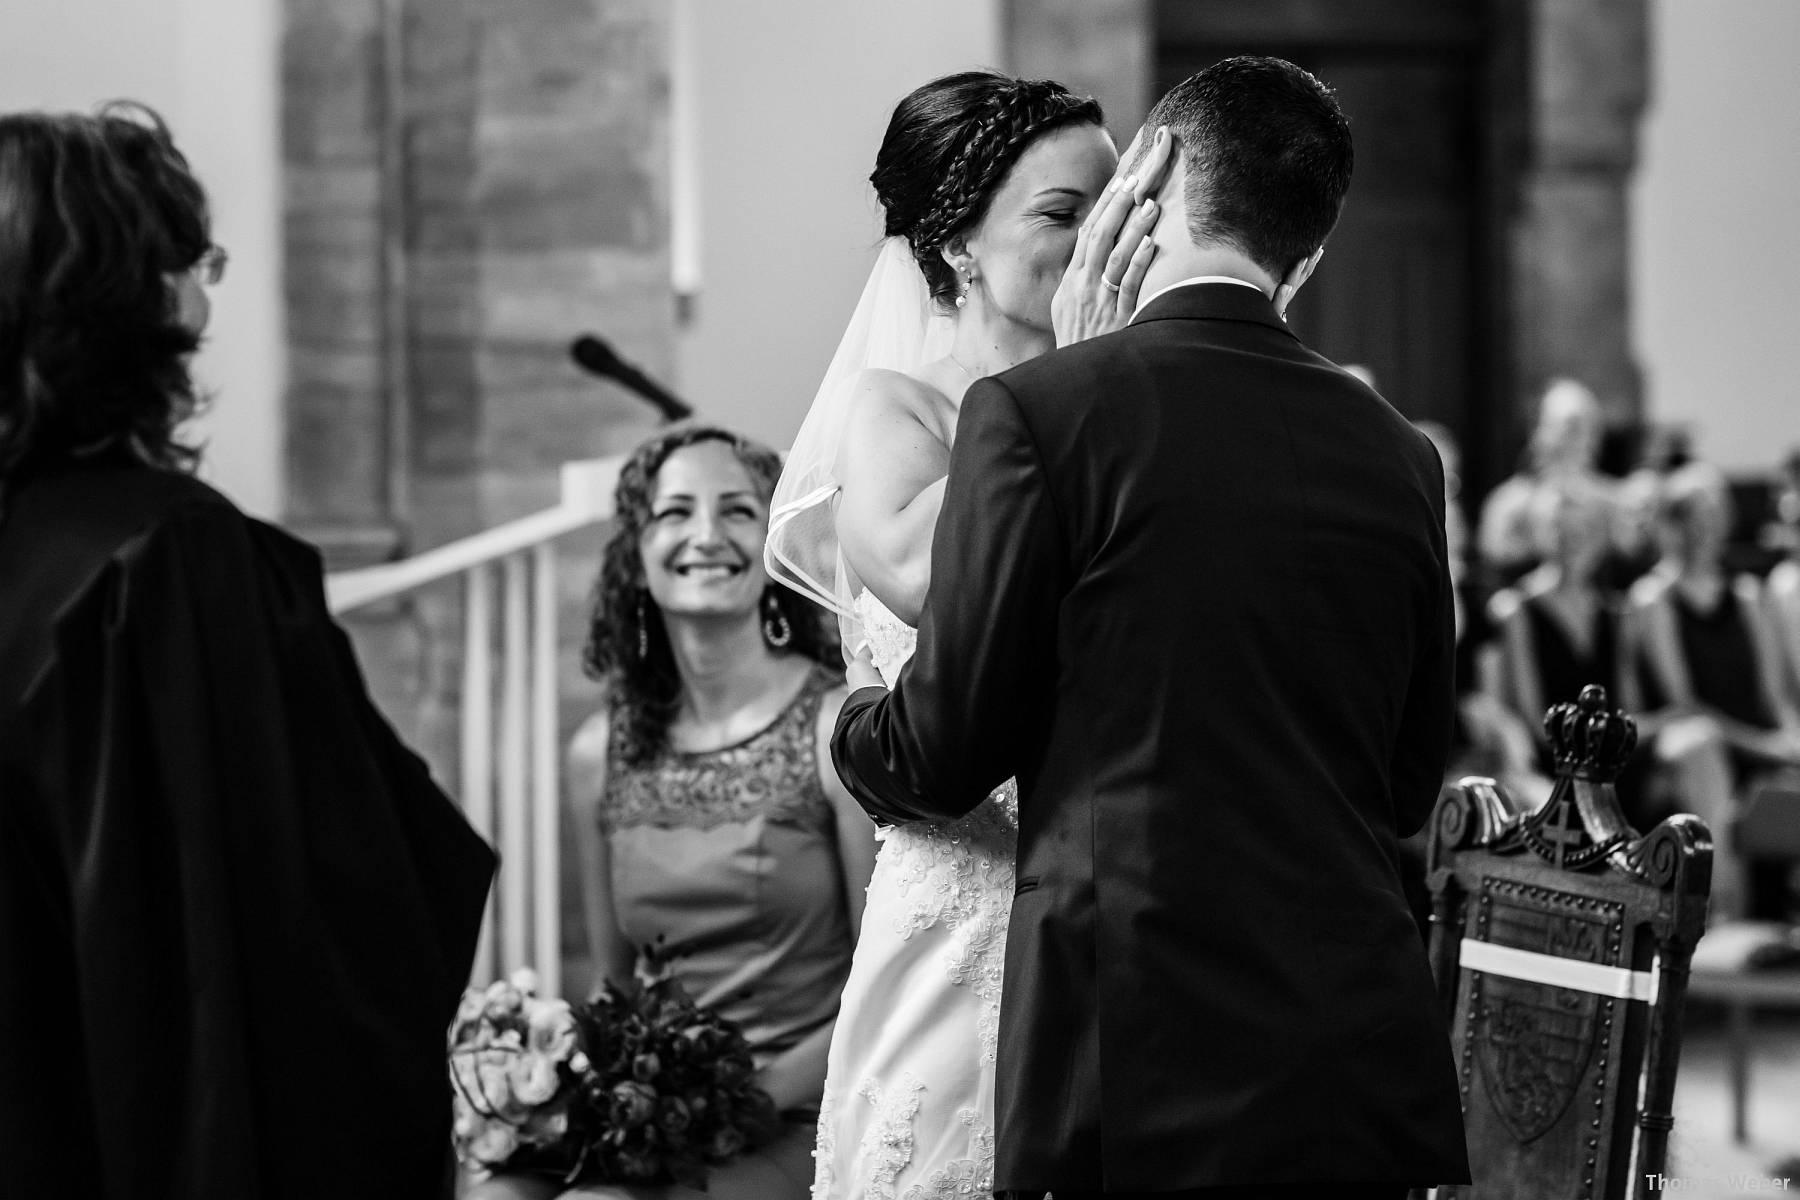 Hochzeitsfotograf Oldenburg: Kirchliche Trauung in der Garnisonkirche Oldenburg und Feier im Landhaus Etzhorn Oldenburg (16)